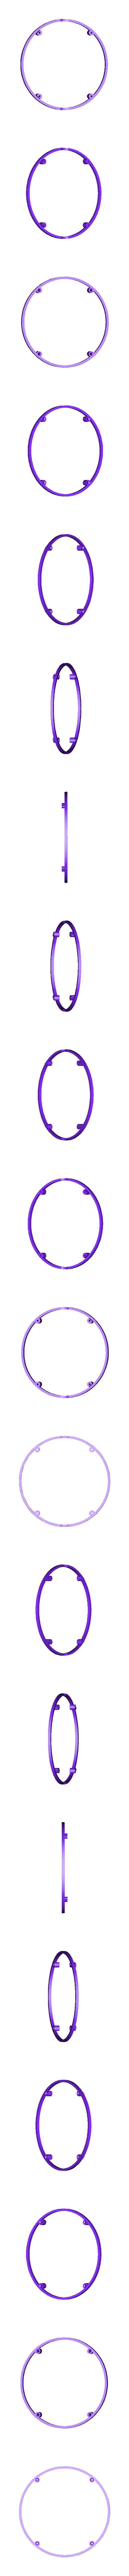 Bottom ring.stl Download STL file Sugar dispenser • Object to 3D print, drsmyrke